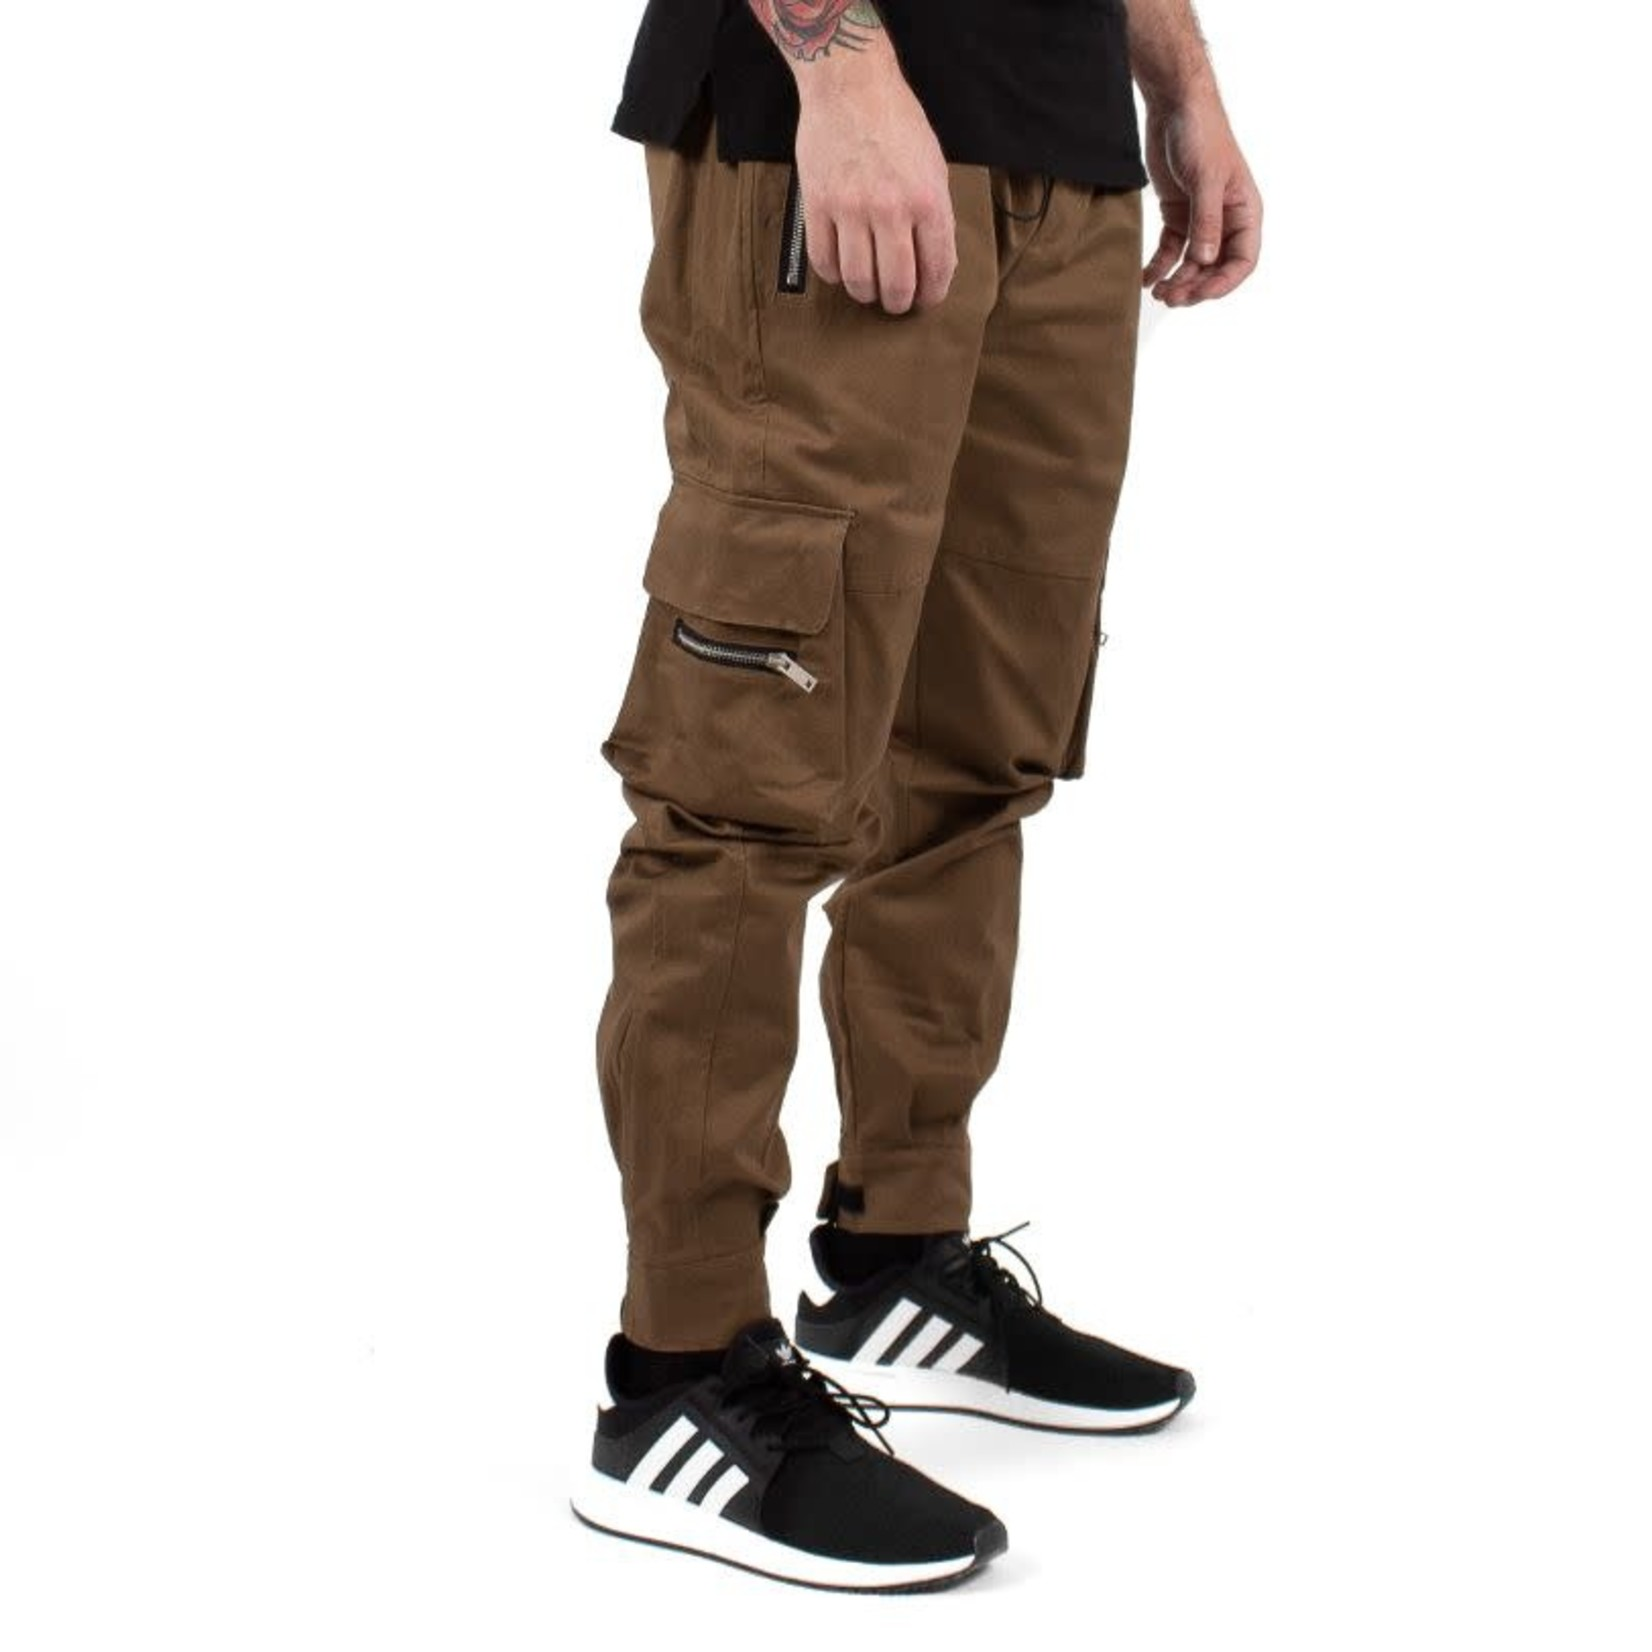 WLKN WLKN : The Cargo Jogger Pants